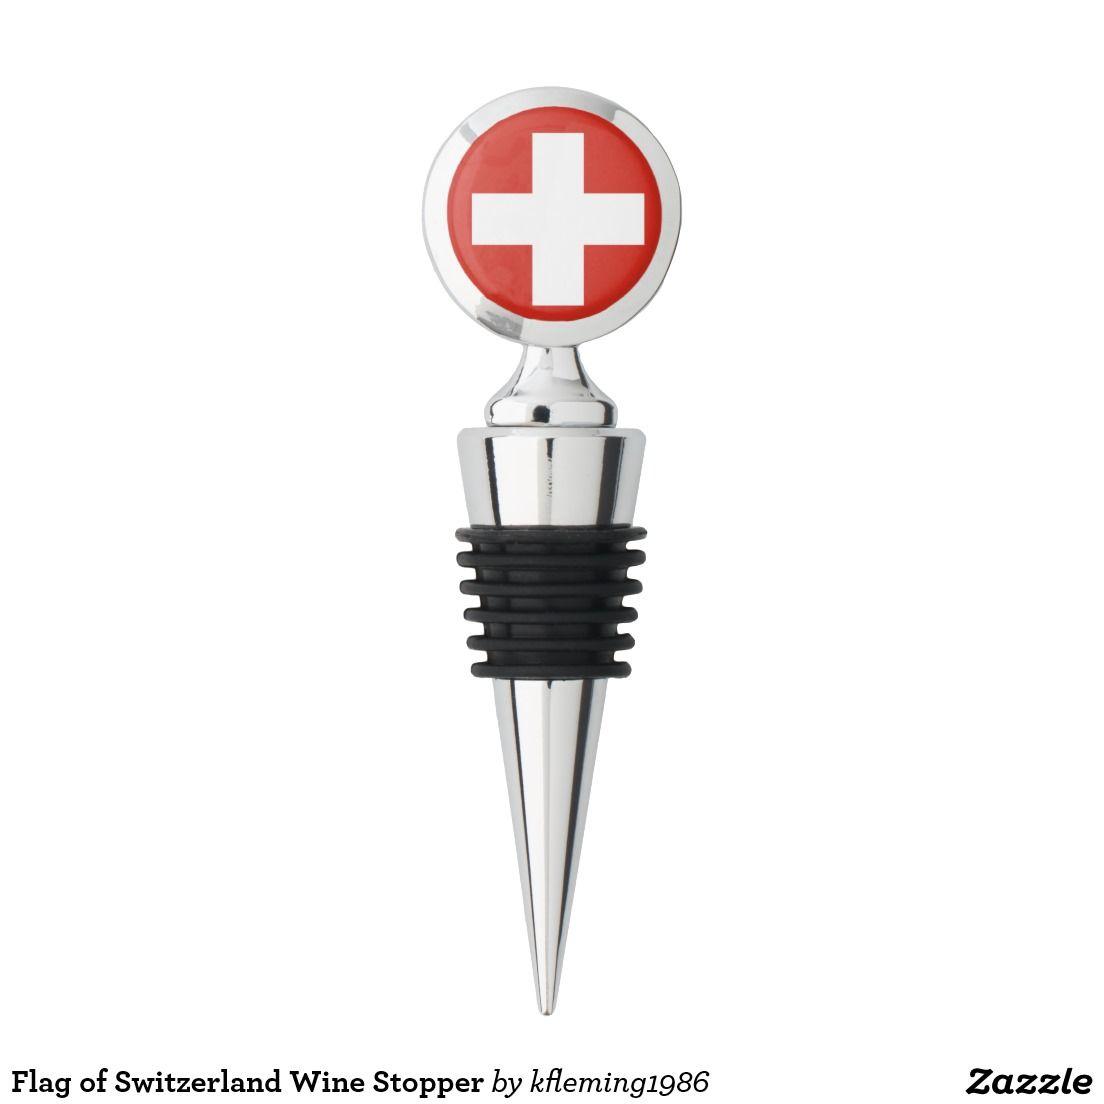 Flag of Switzerland Wine Stopper